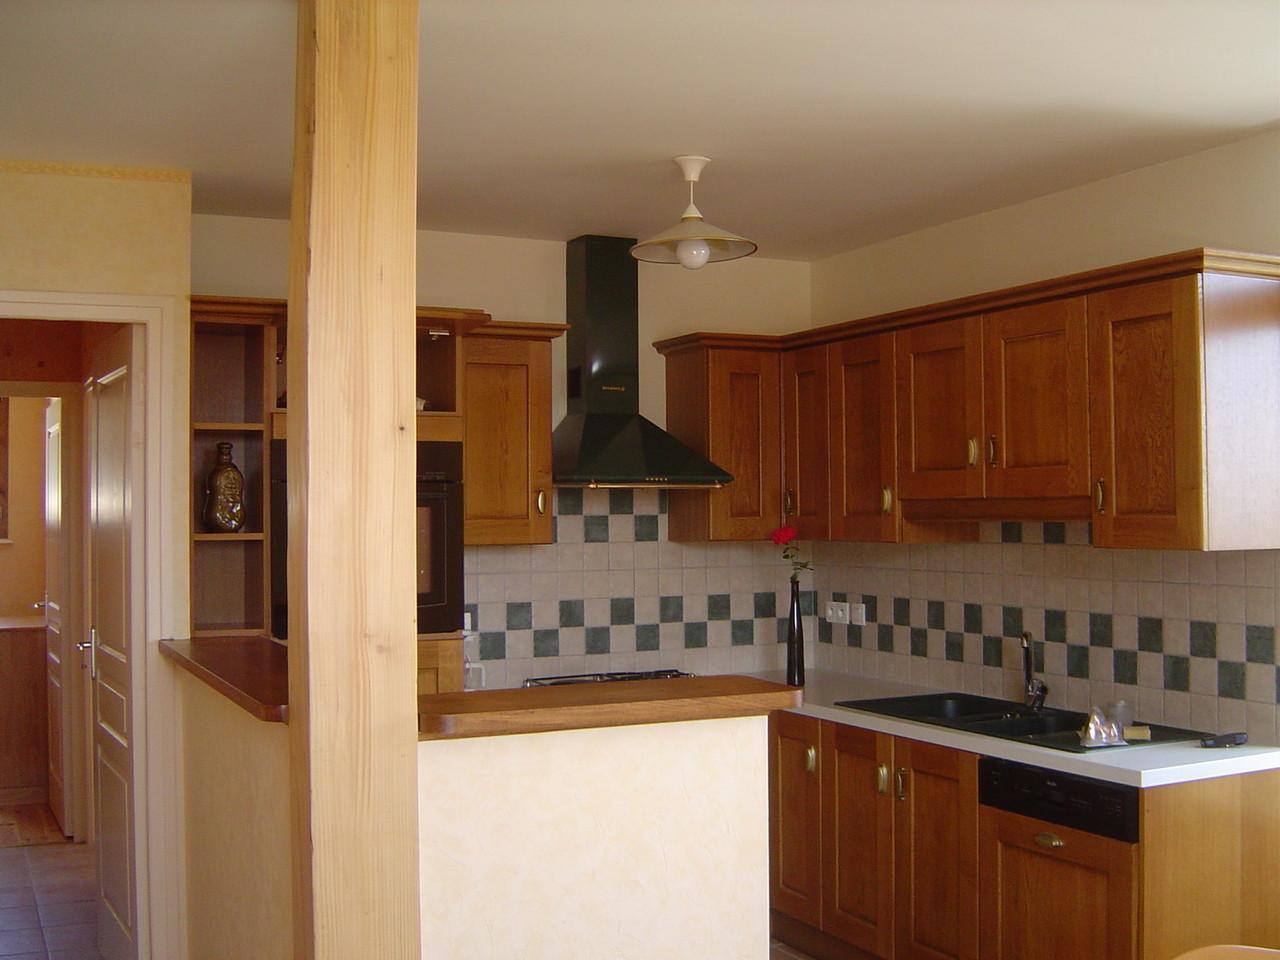 La cuisine intégrée, tout confort, avec machine à laver la vaisselle